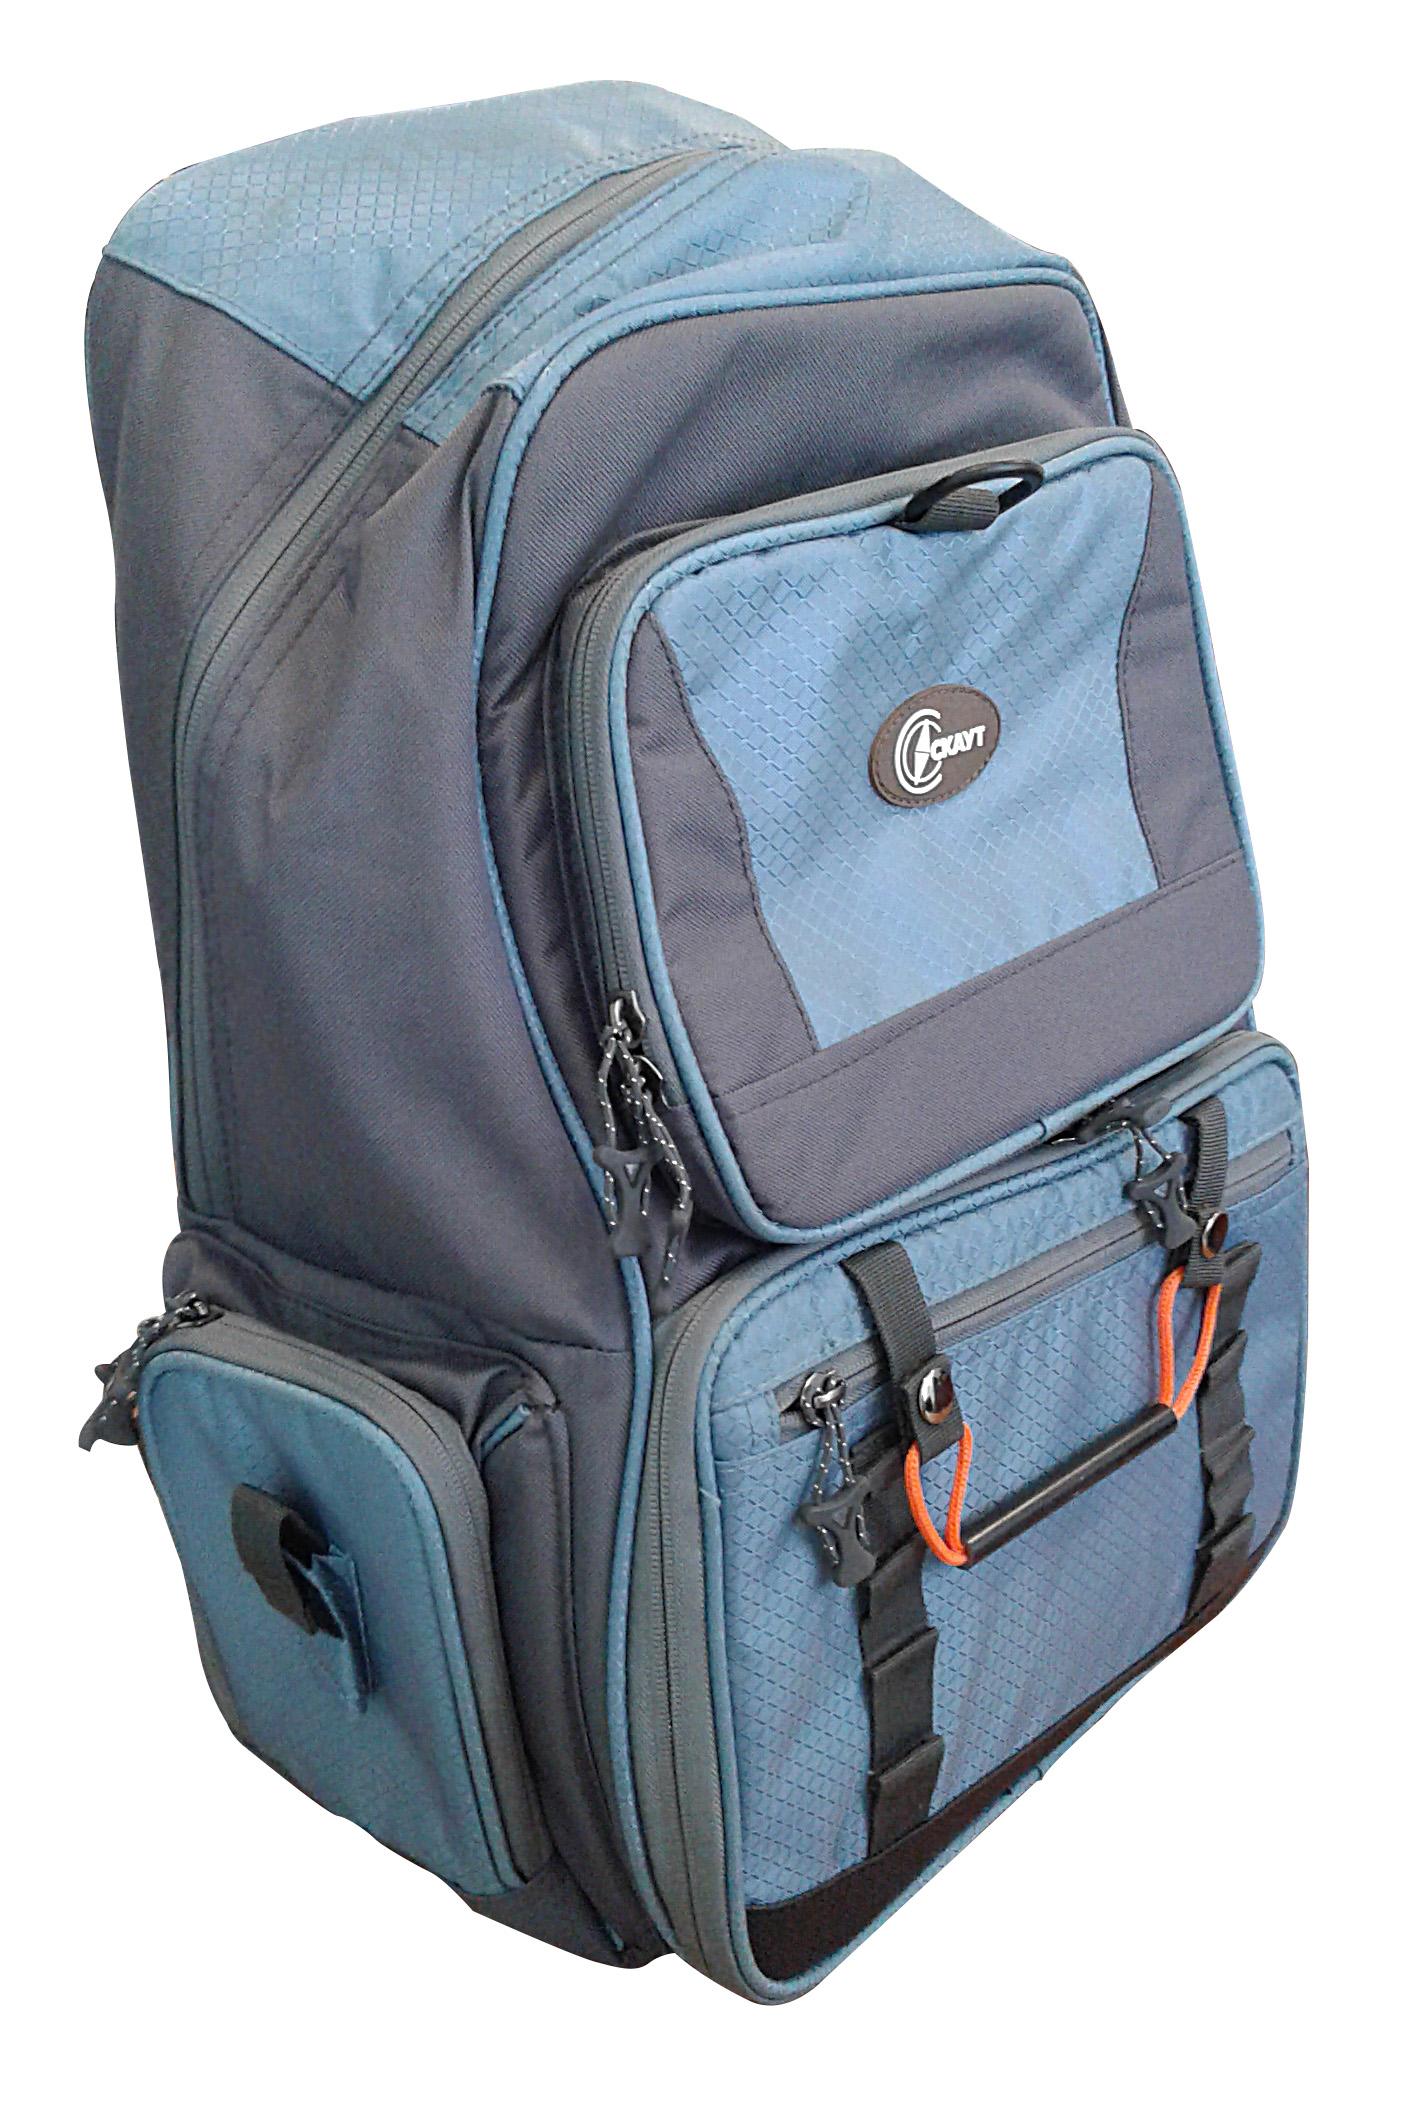 Купить Рюкзак Ranger bag 1 (RA 8805)